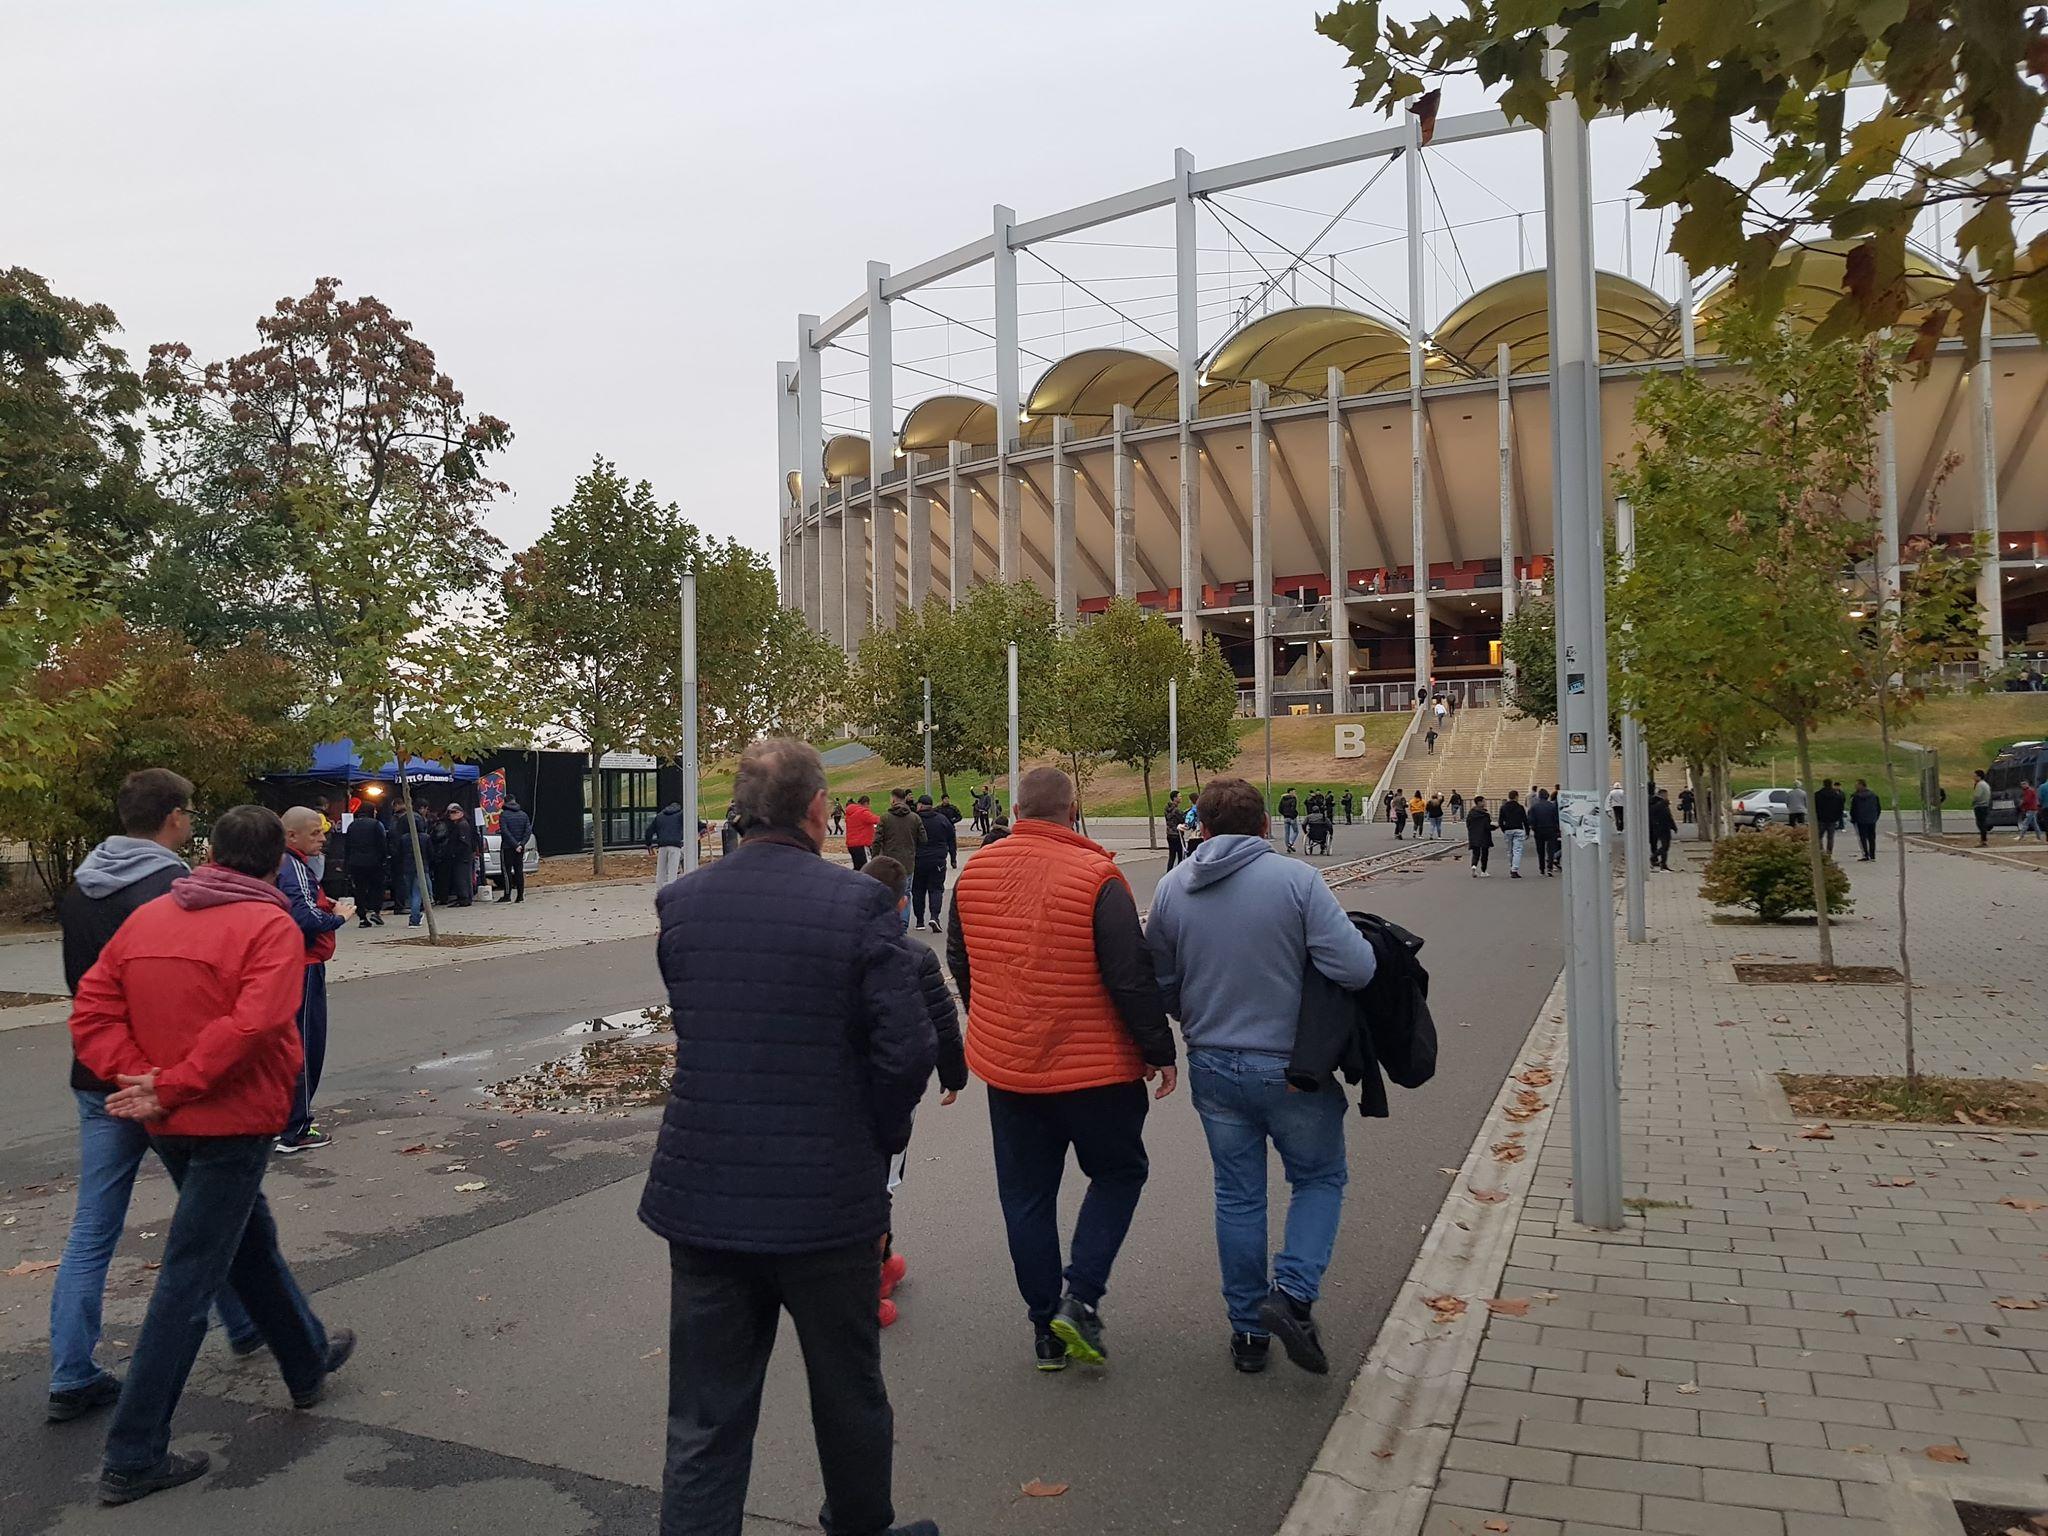 Ne-a fost dor! FCSB - Dinamo, derby-ul pe care toți l-am dorit! Momentul emoționant cu ultrașii celor două echipe, artificii pe teren și controversele de la final